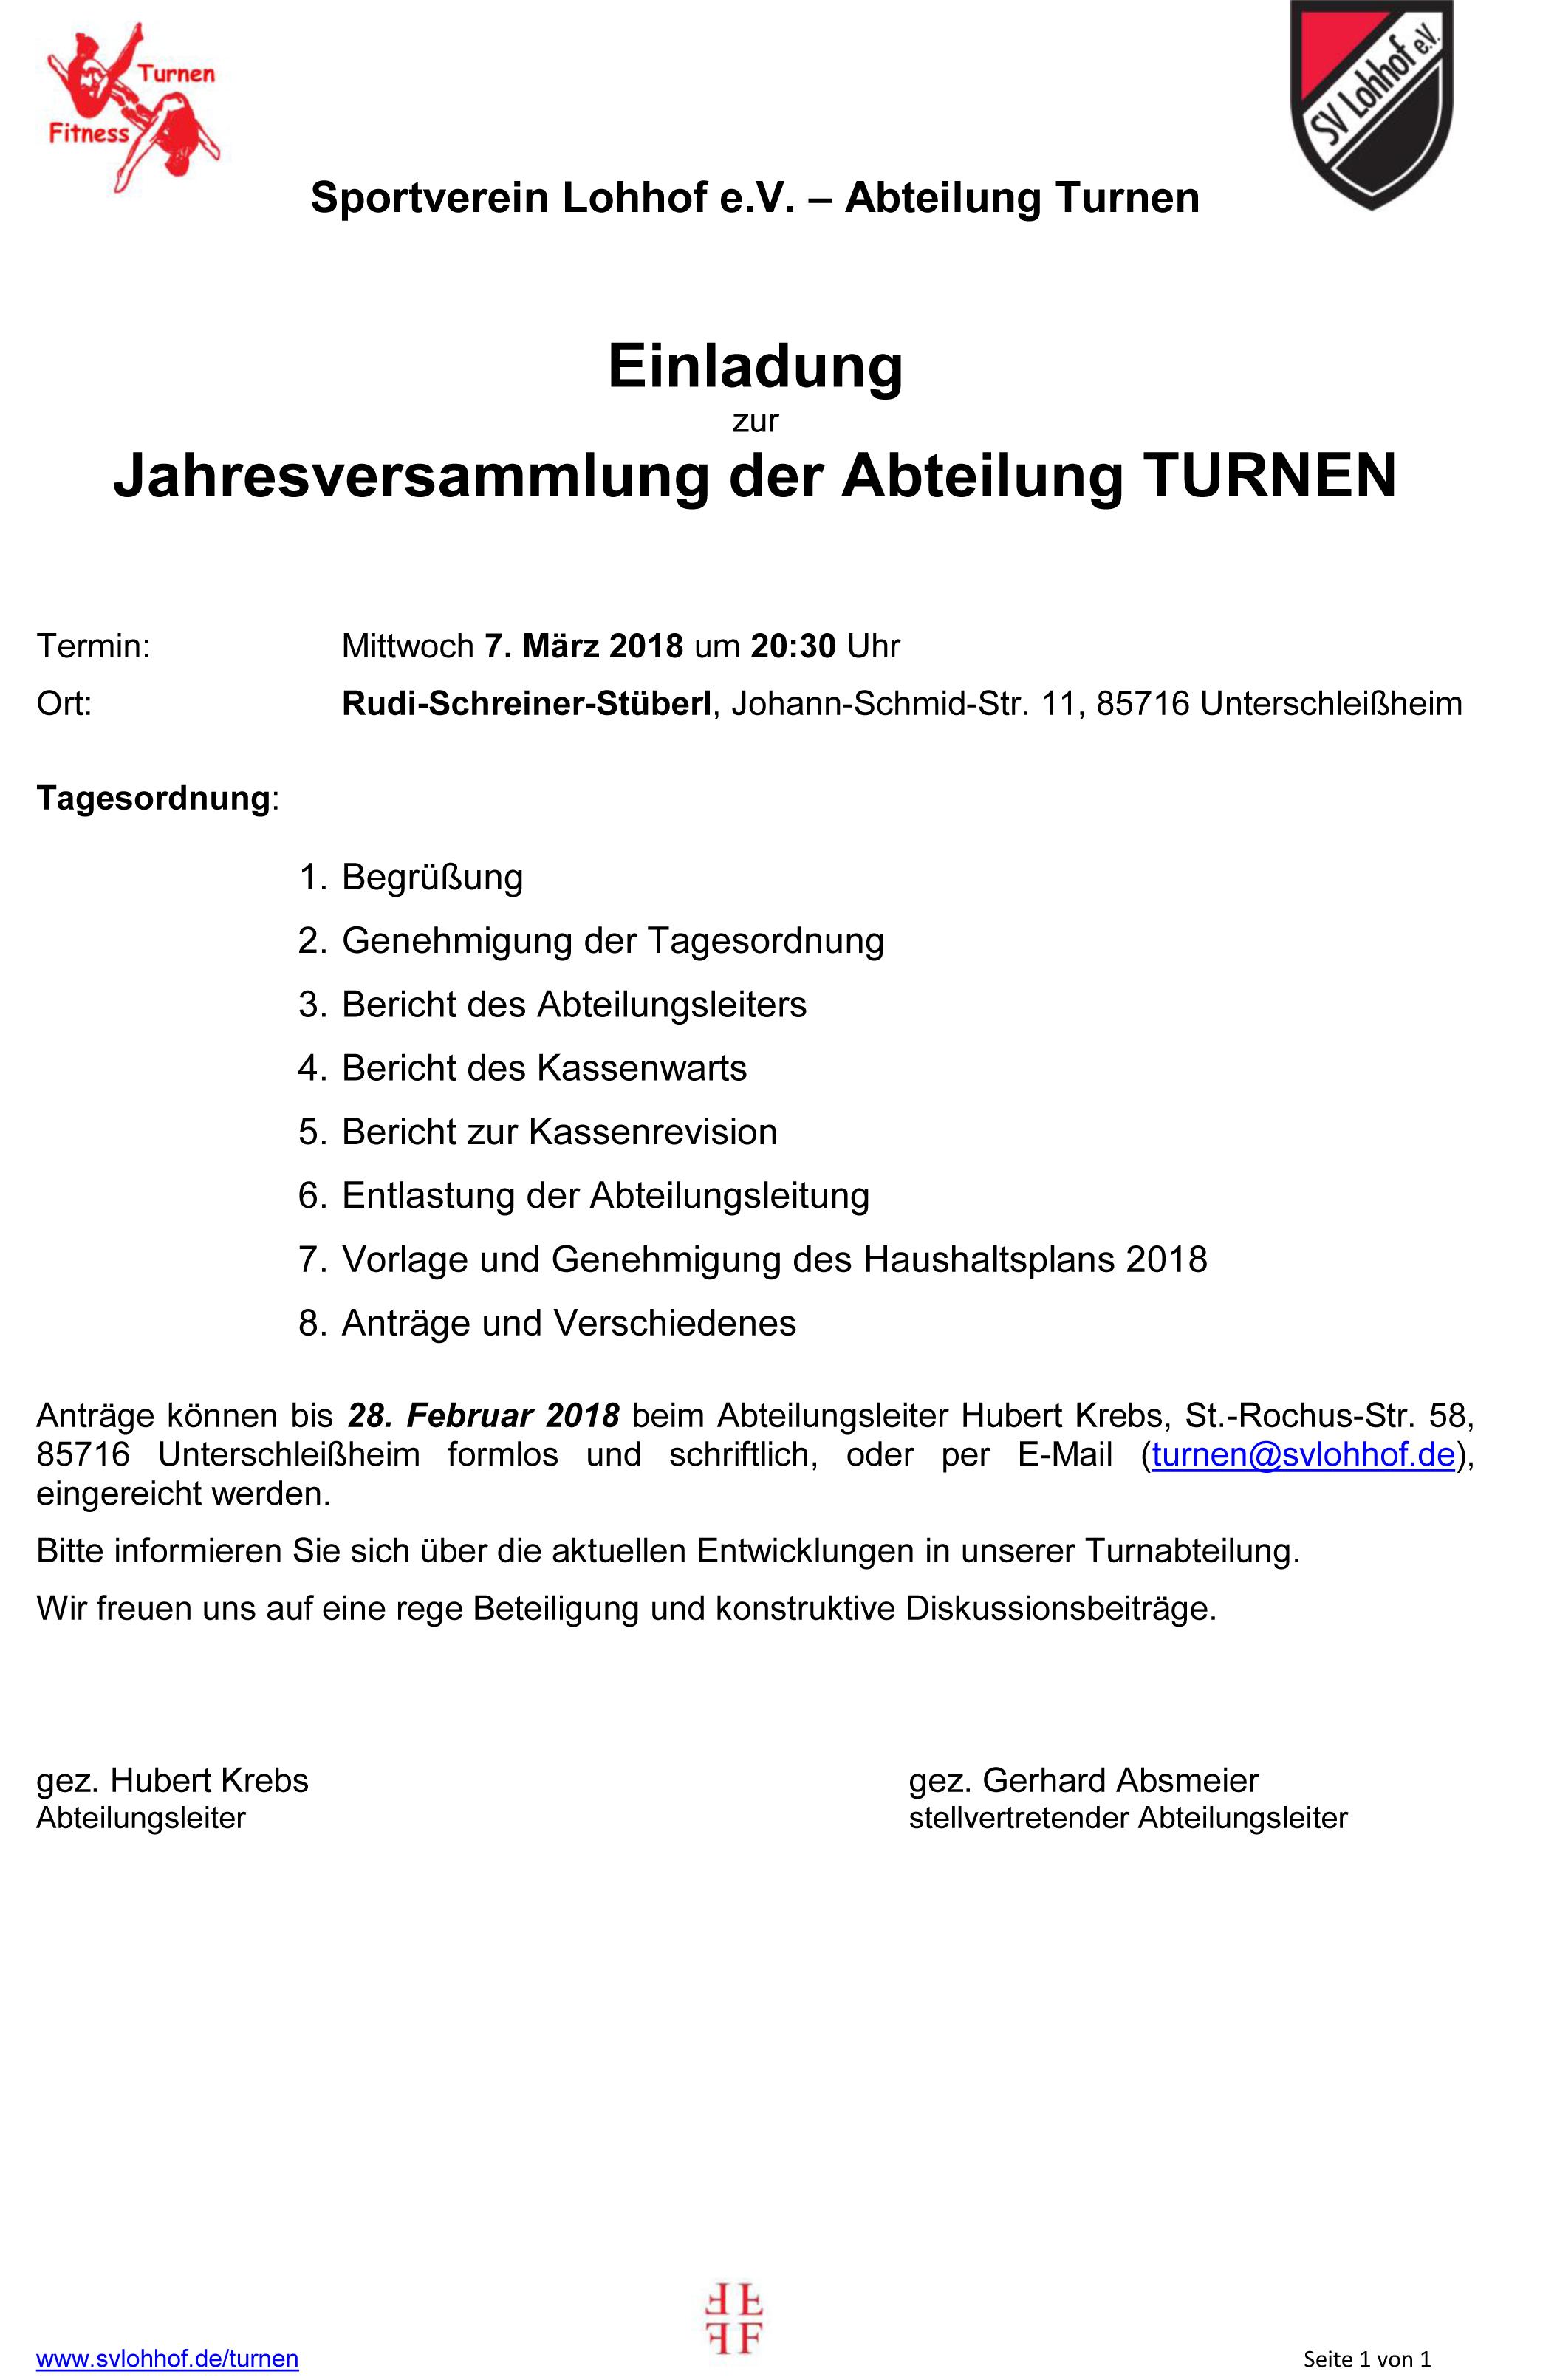 Großzügig Tagesordnung Vorlage Bilder - Entry Level Resume Vorlagen ...